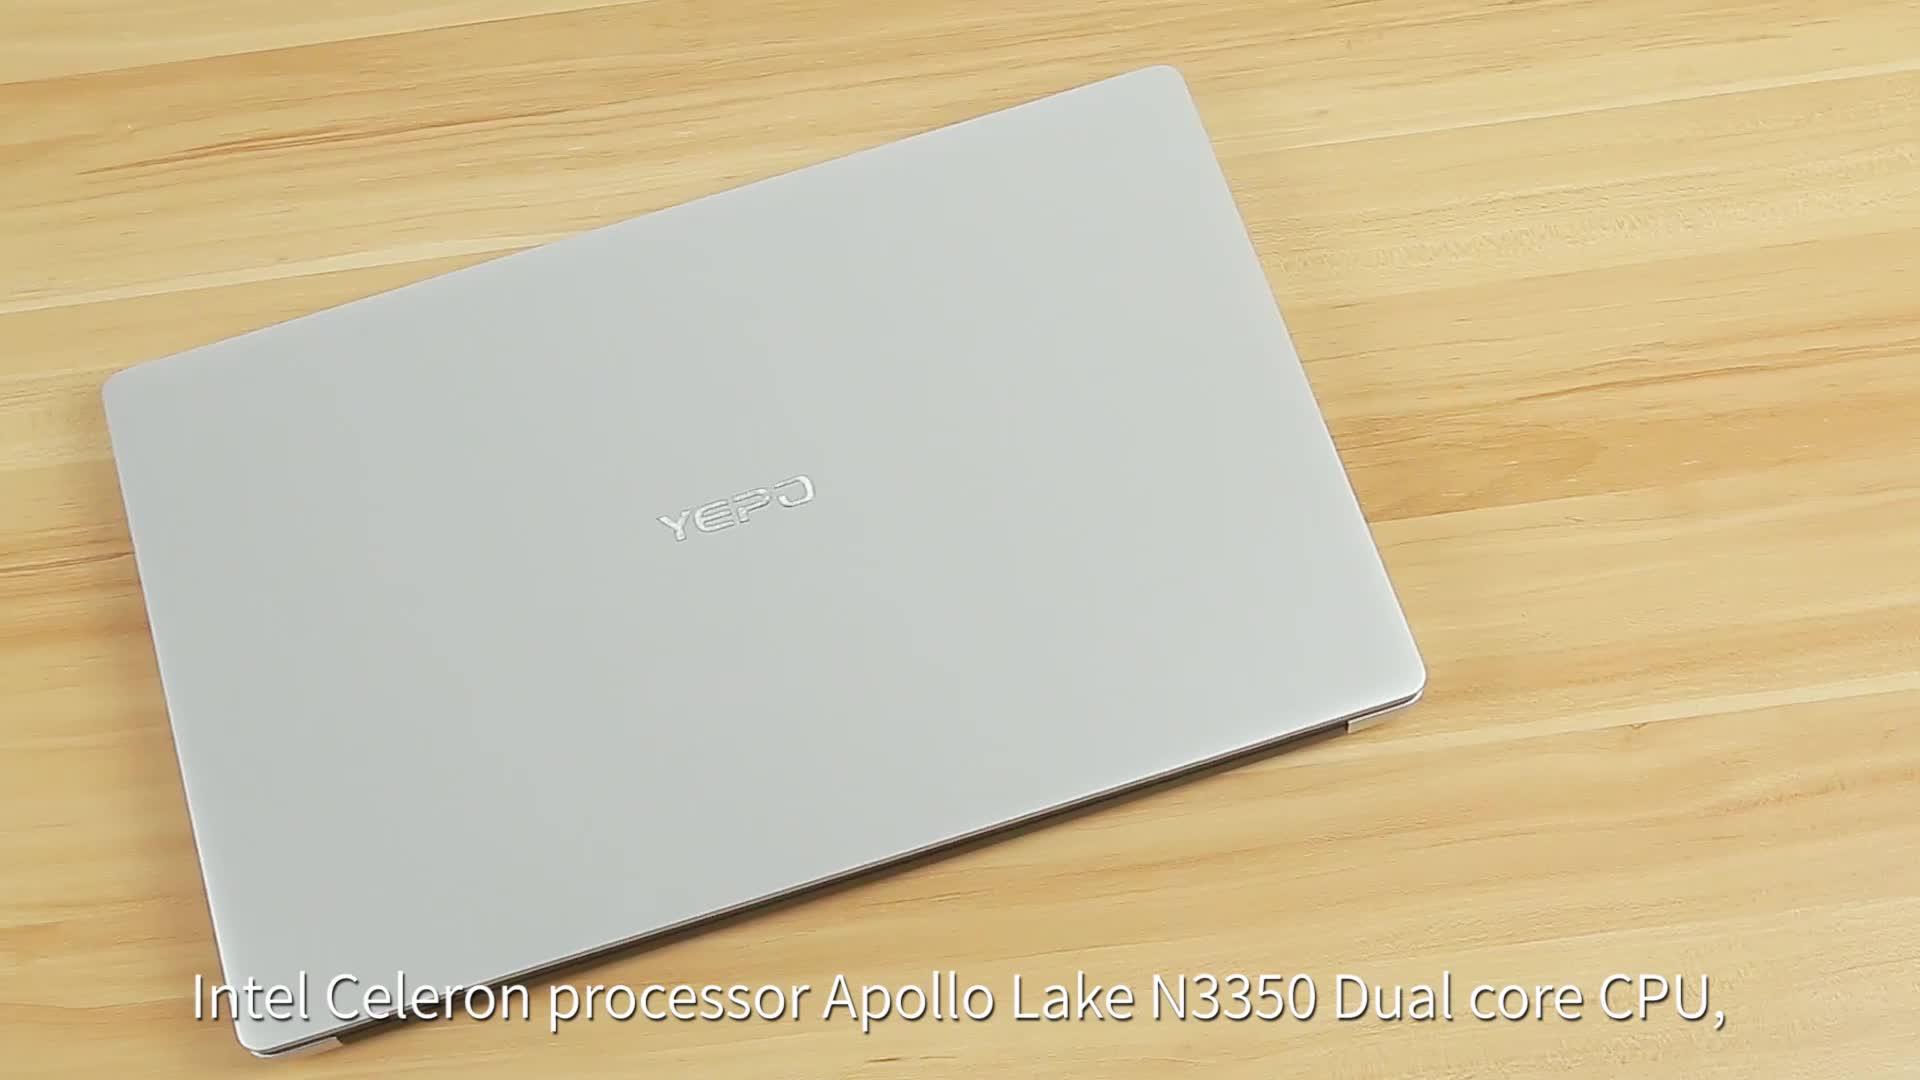 โรงงาน Store 15.6 นิ้ว Intel Celeron J3455 RAM 8GB 128GB SSD ราคาแล็ปท็อป